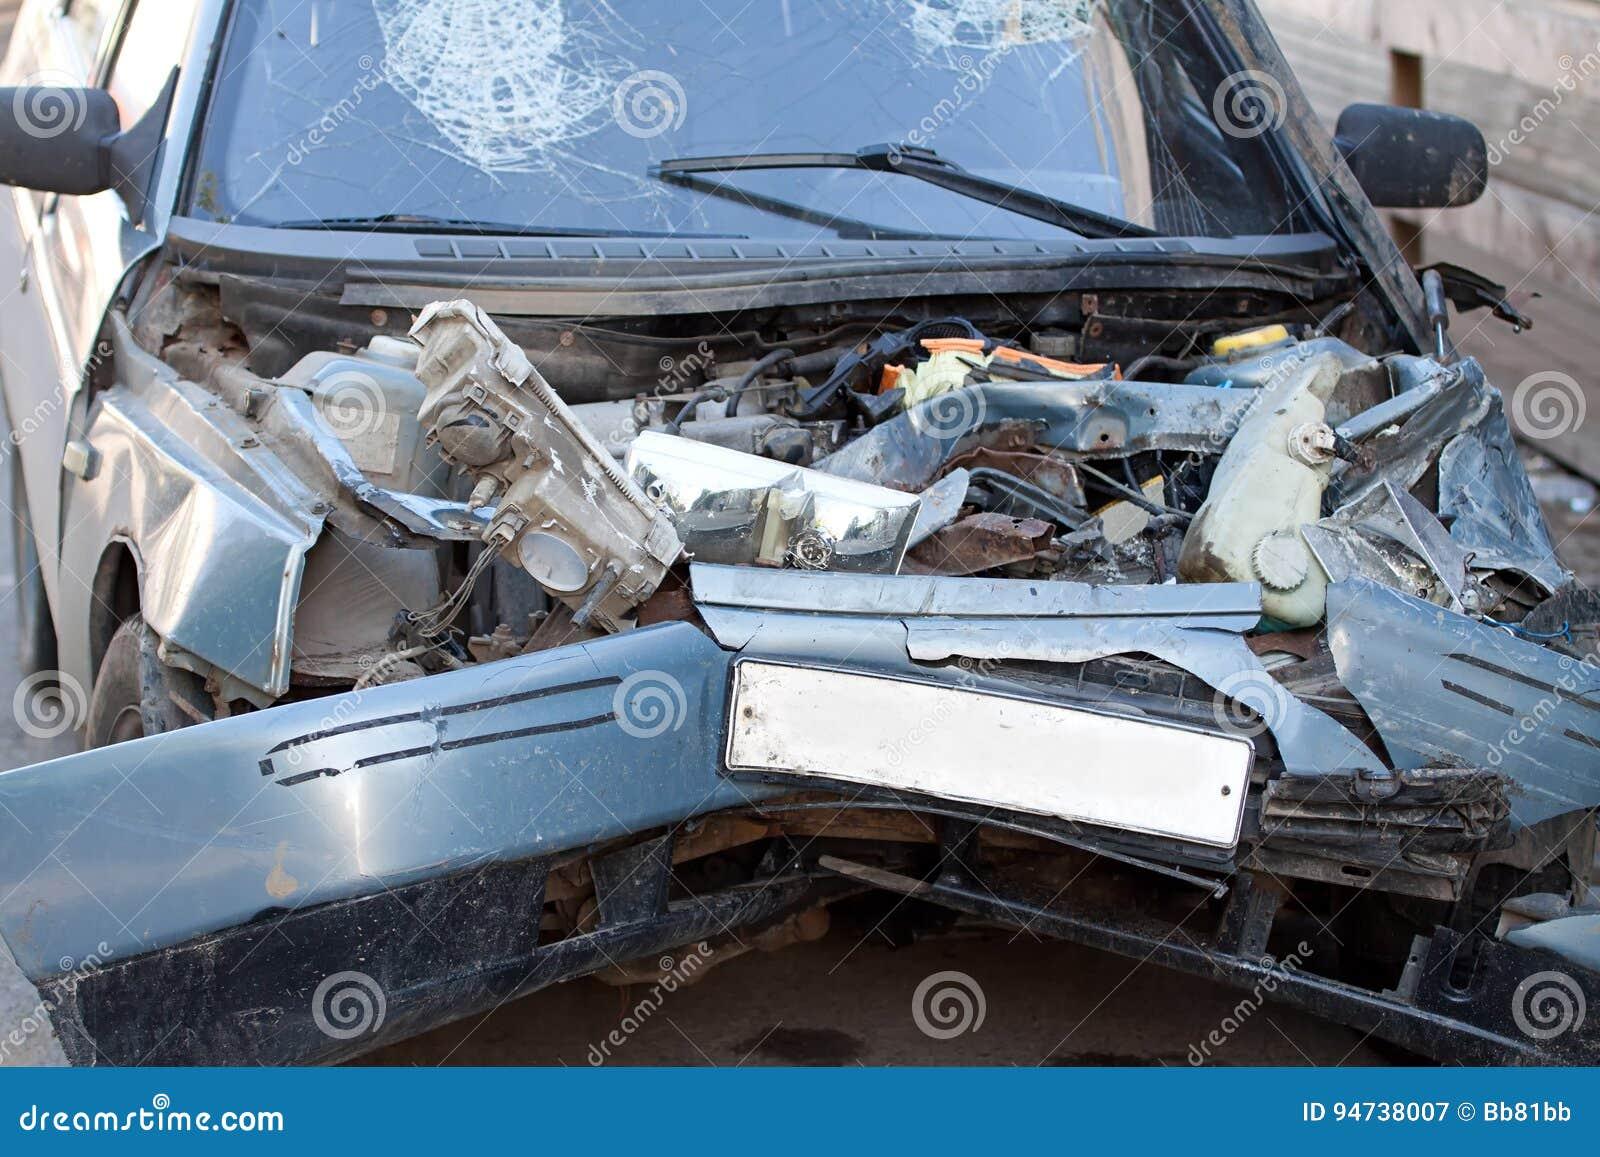 Niedlich Autounfall Fotos Kostenloser Download Bilder - Elektrische ...